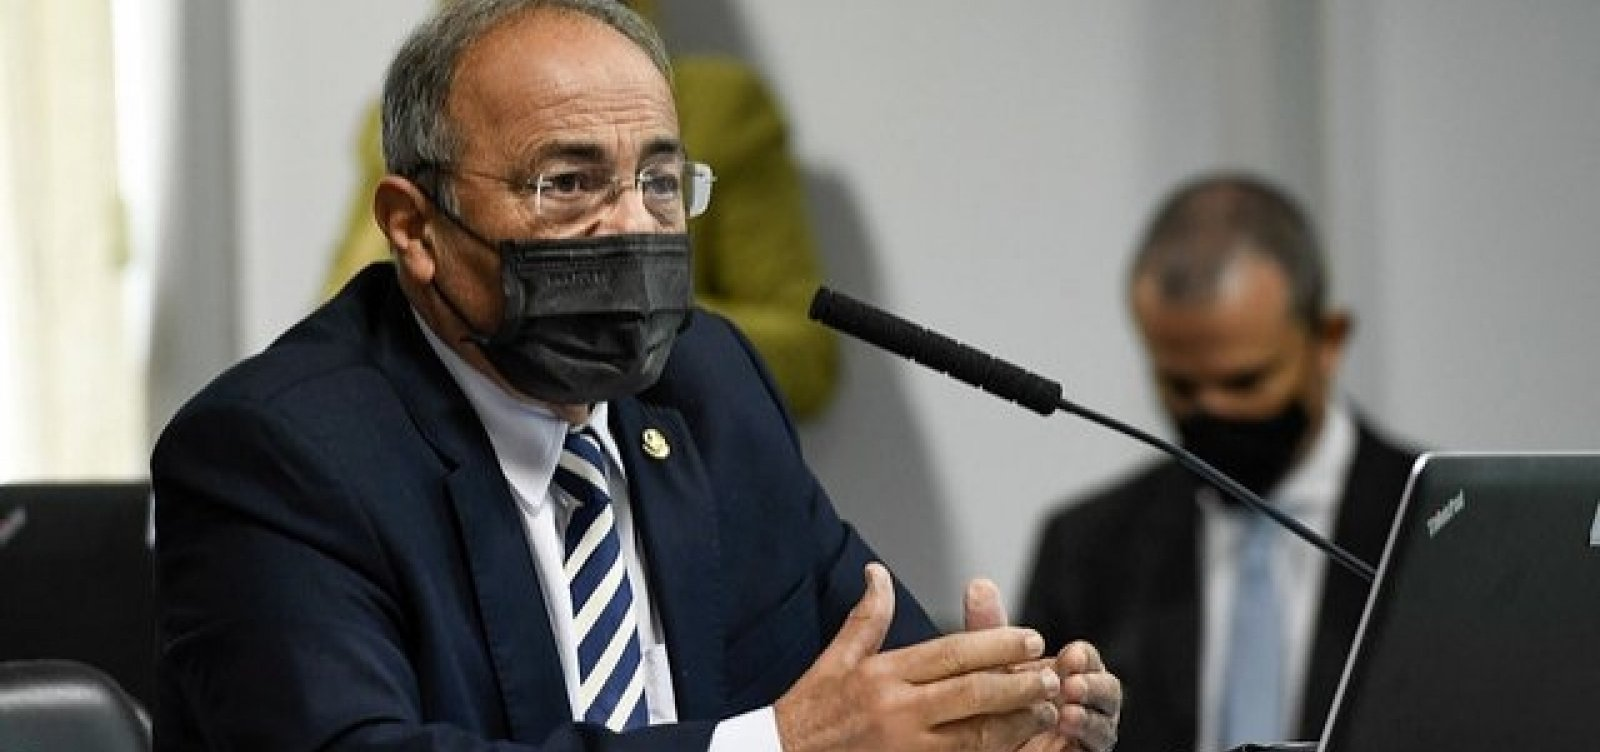 Chico Rodrigues amplia licença de 90 para 121 dias